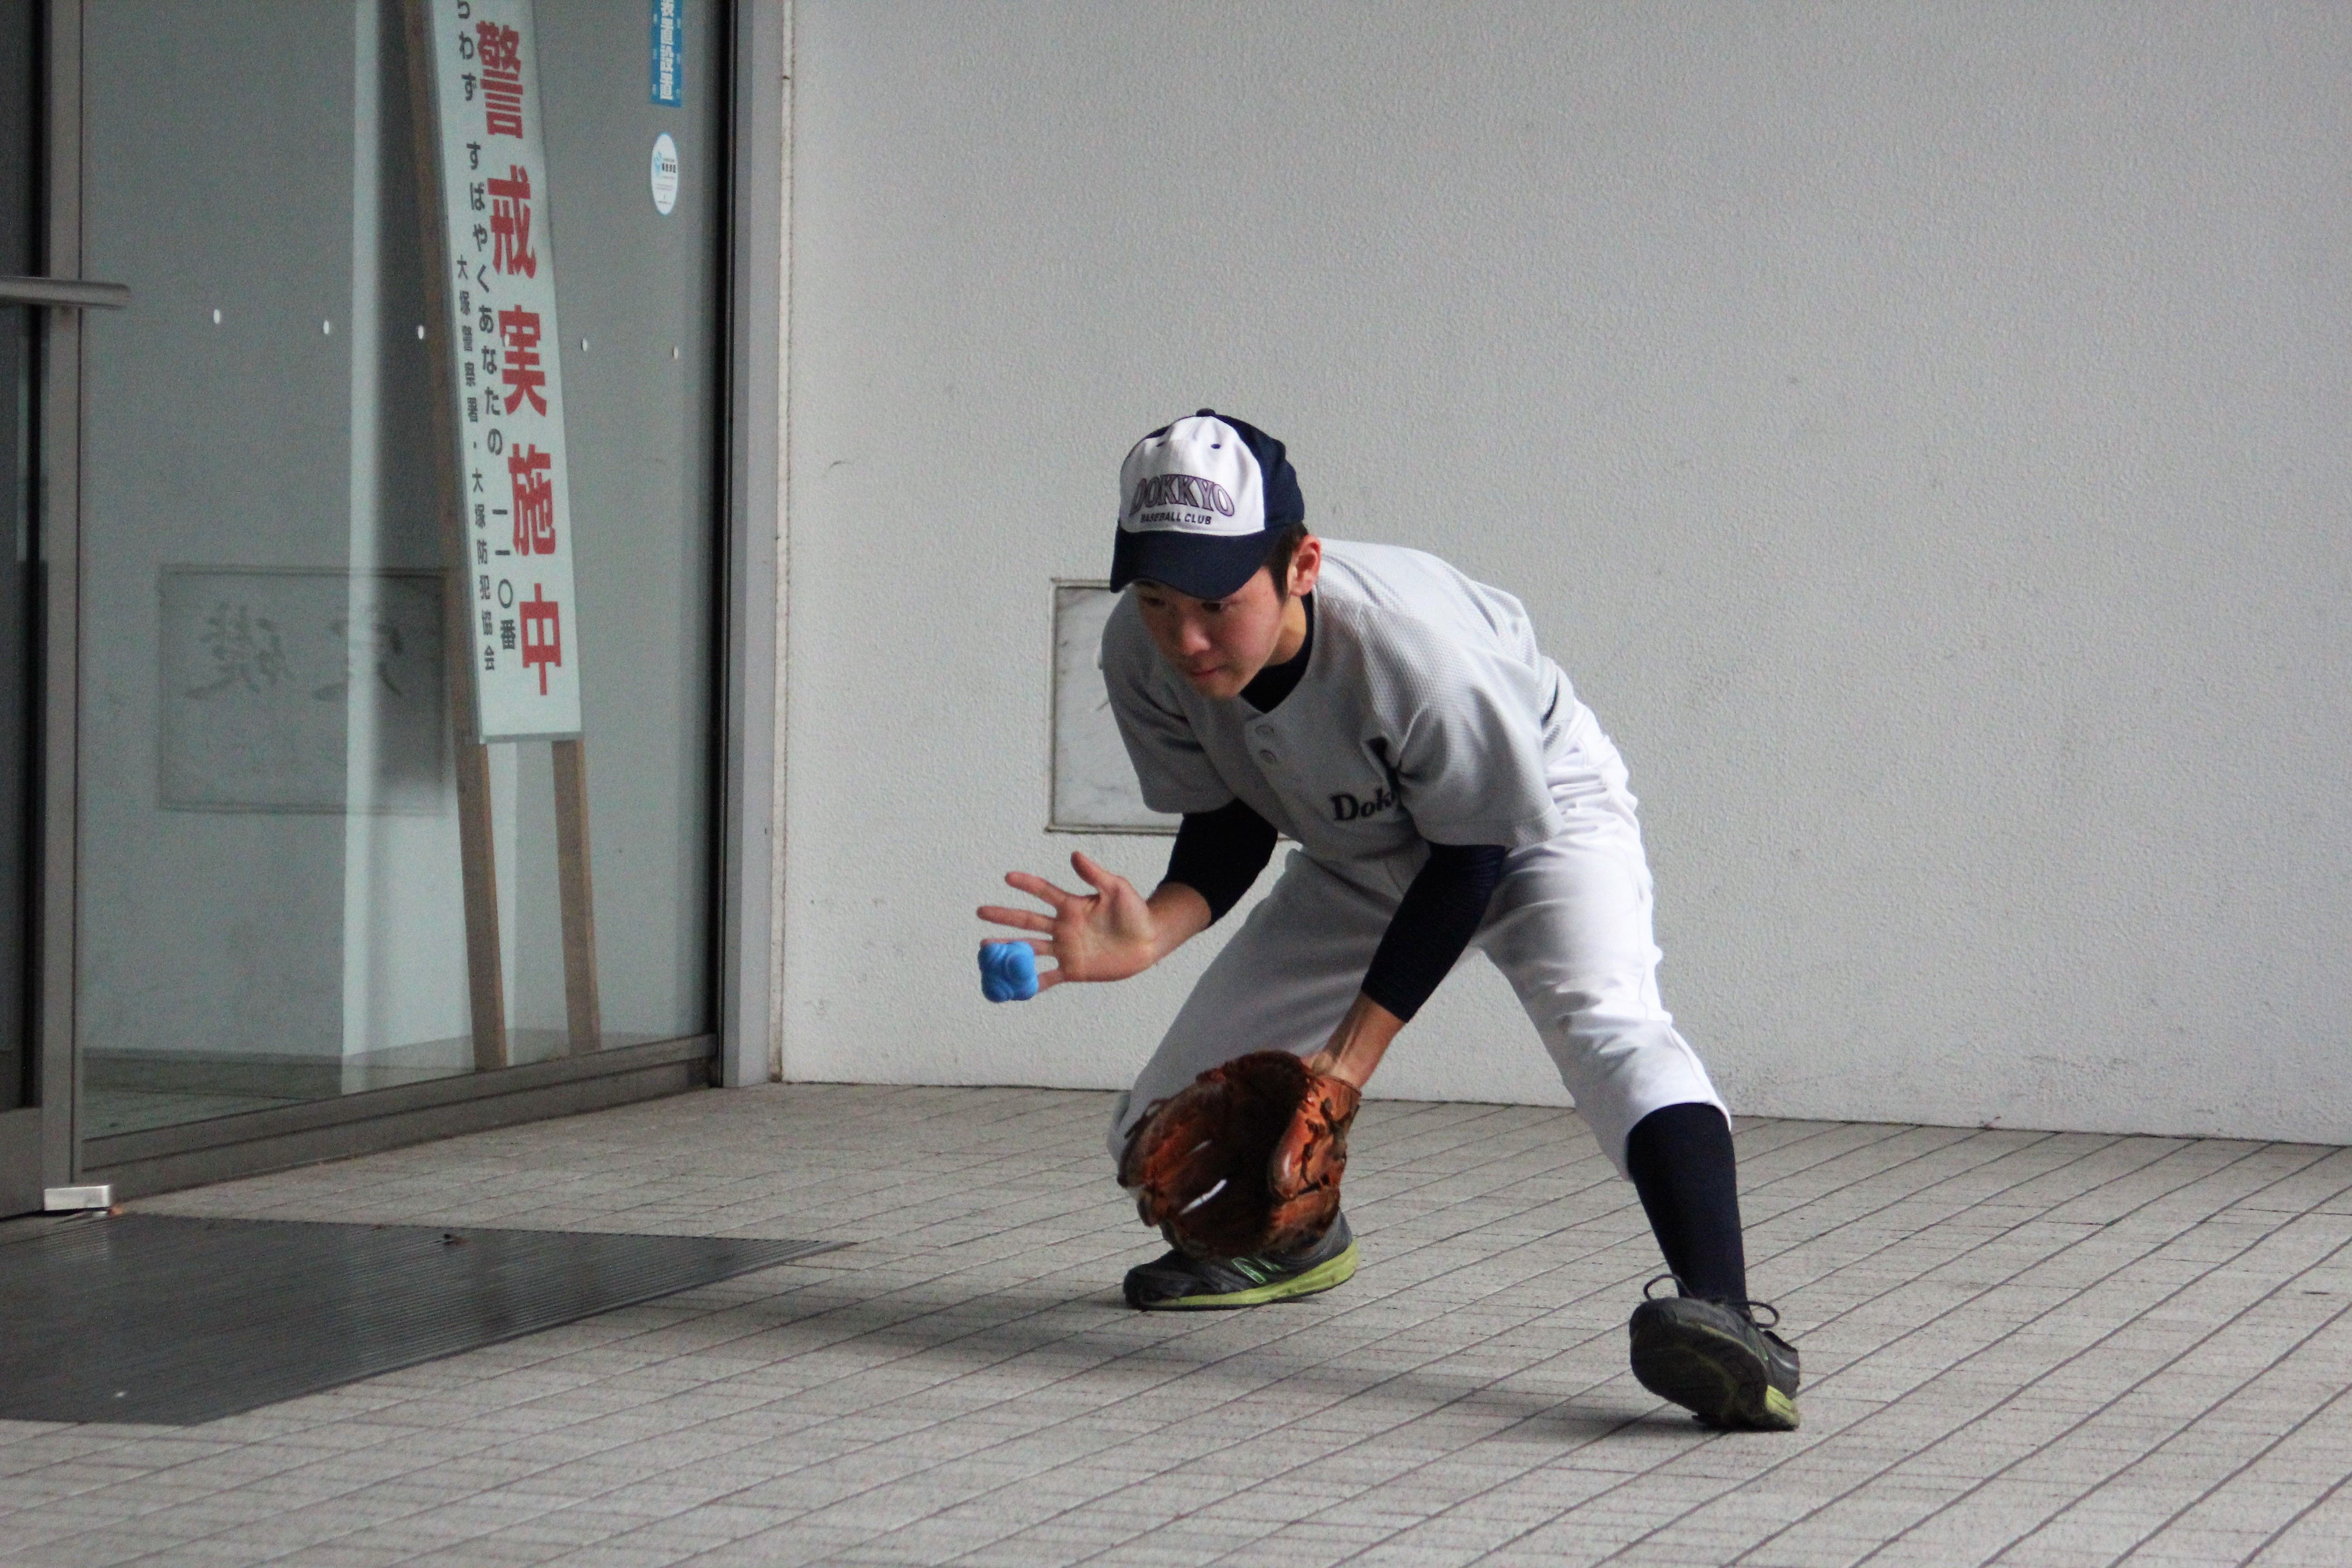 【獨協 野球部】リアクションボールでのゴロ捕球